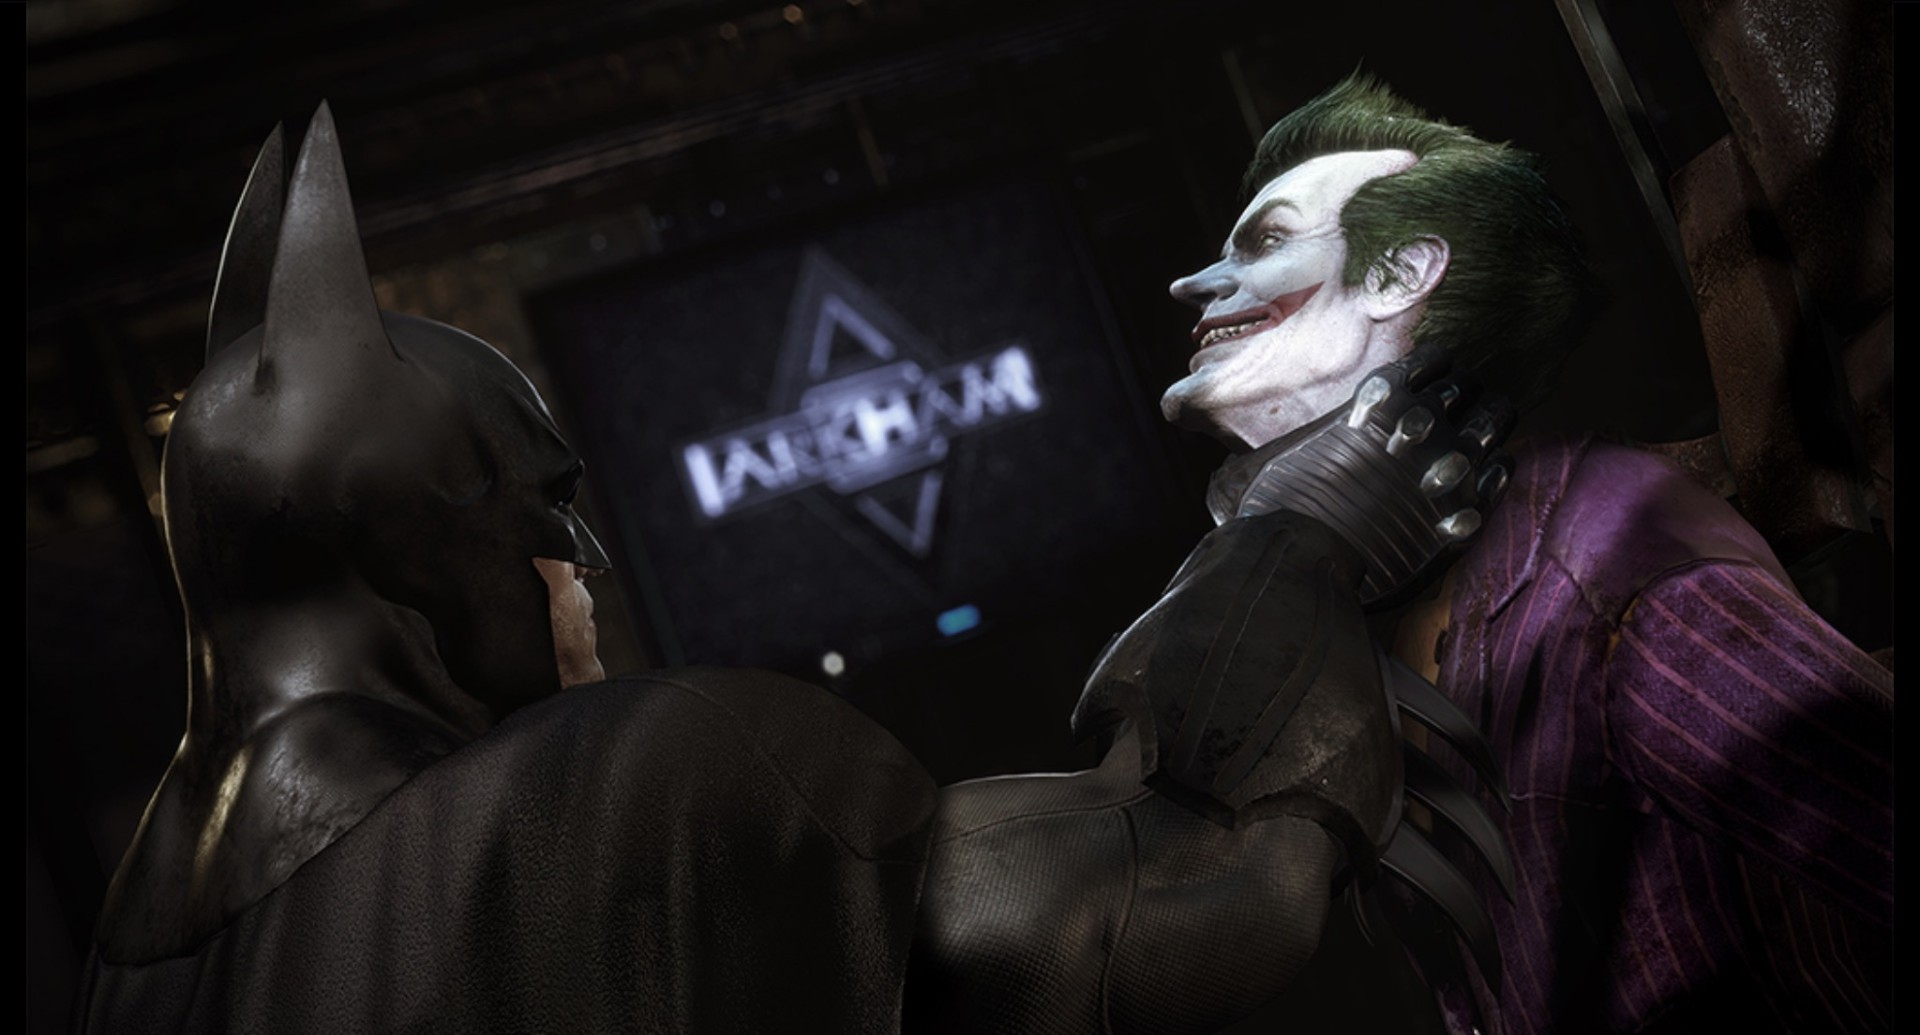 华纳兄弟宣布《蝙蝠侠:重返阿卡姆》延期发售